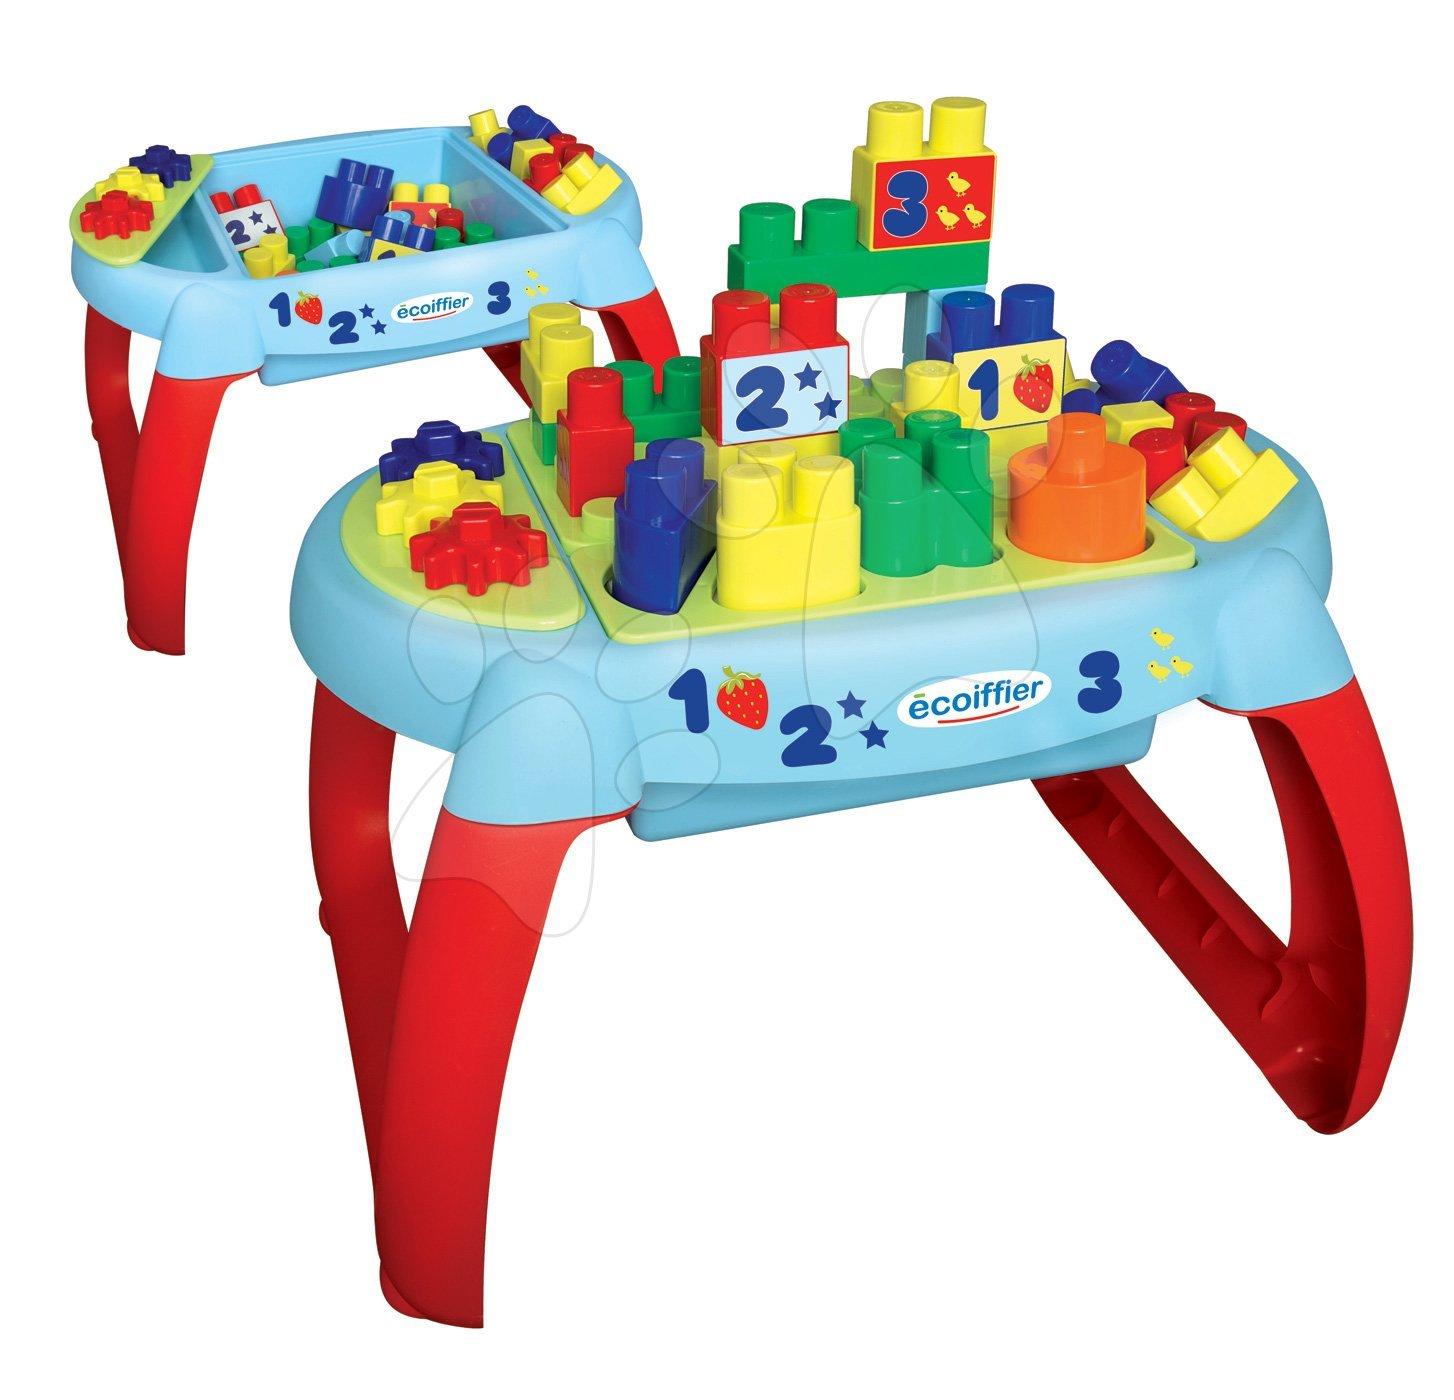 Stavebnica pre bábätká Les Maxi Écoiffier stolík 32 kociek rôznych tvarov od 12 mes